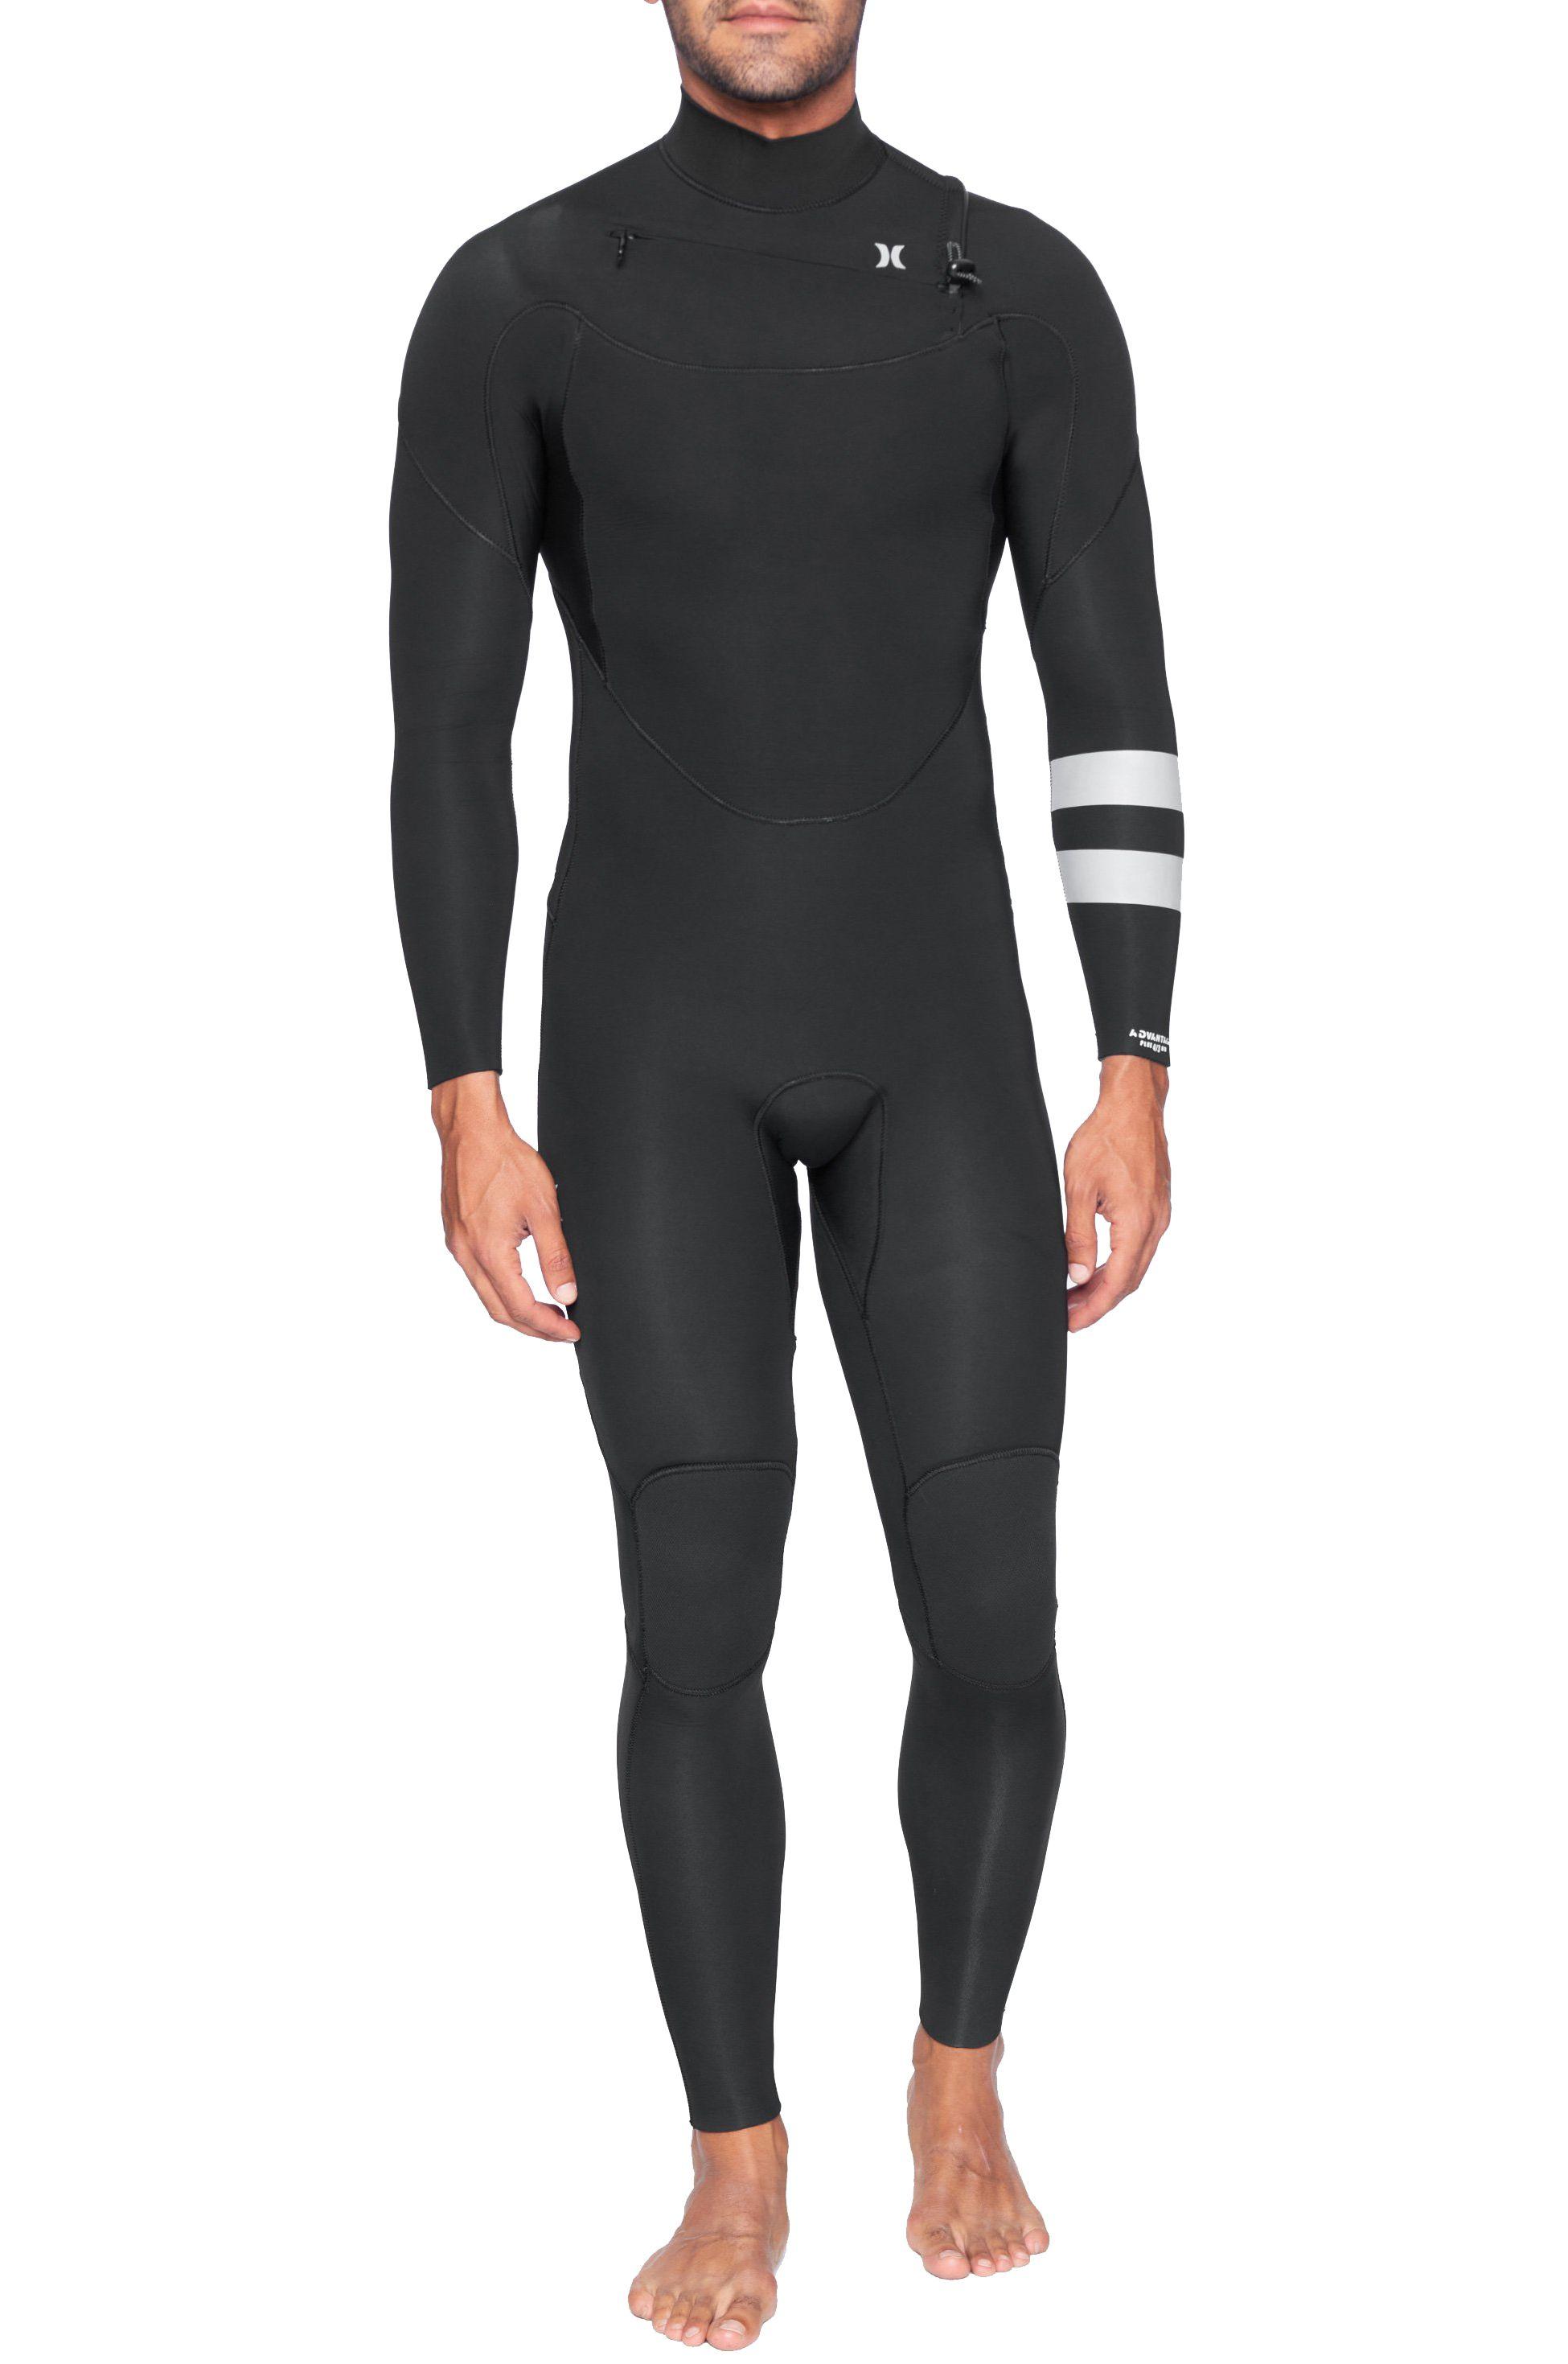 Hurley Wetsuit M ADVANTAGE PLUS 4/3MM FS Black 4x3mm